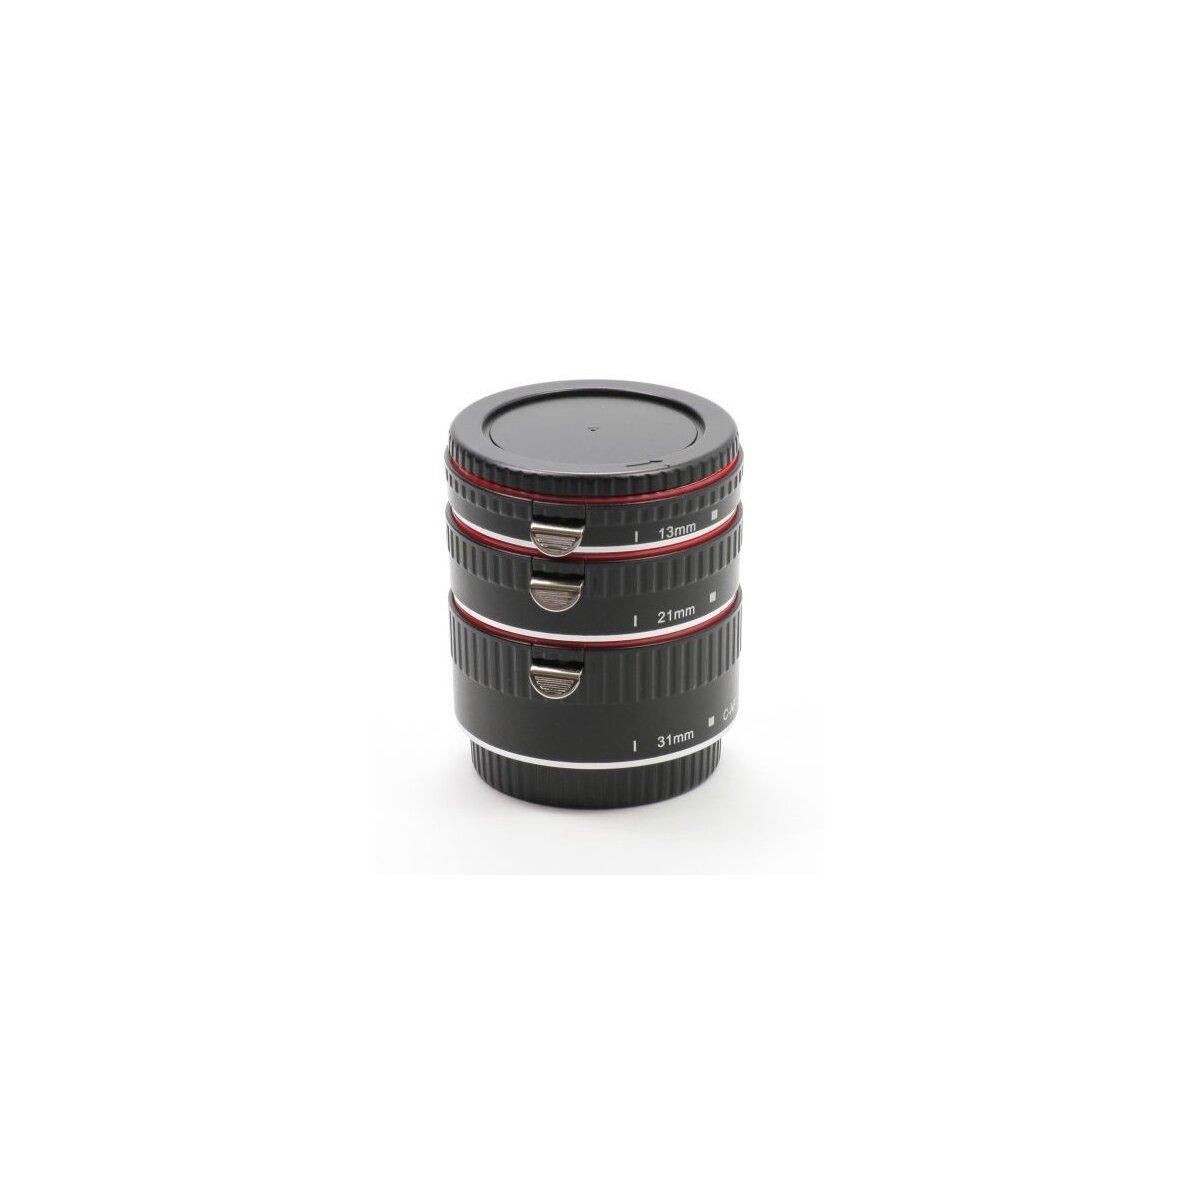 Minadax Automatik Zwischenringe 13/21/31mm für Makrofotographie kompatibel mit Canon 1200D, 1100D, 1000D, 700D, 650D, 600D, 550D, 500D, 450D, 400D, 350D, 300D, 100D, 70D, 60D, 50D, 40D, 30D, 20D, 10D, 7D, 6D, 5D & 1D Serie (Metall Bajonett)